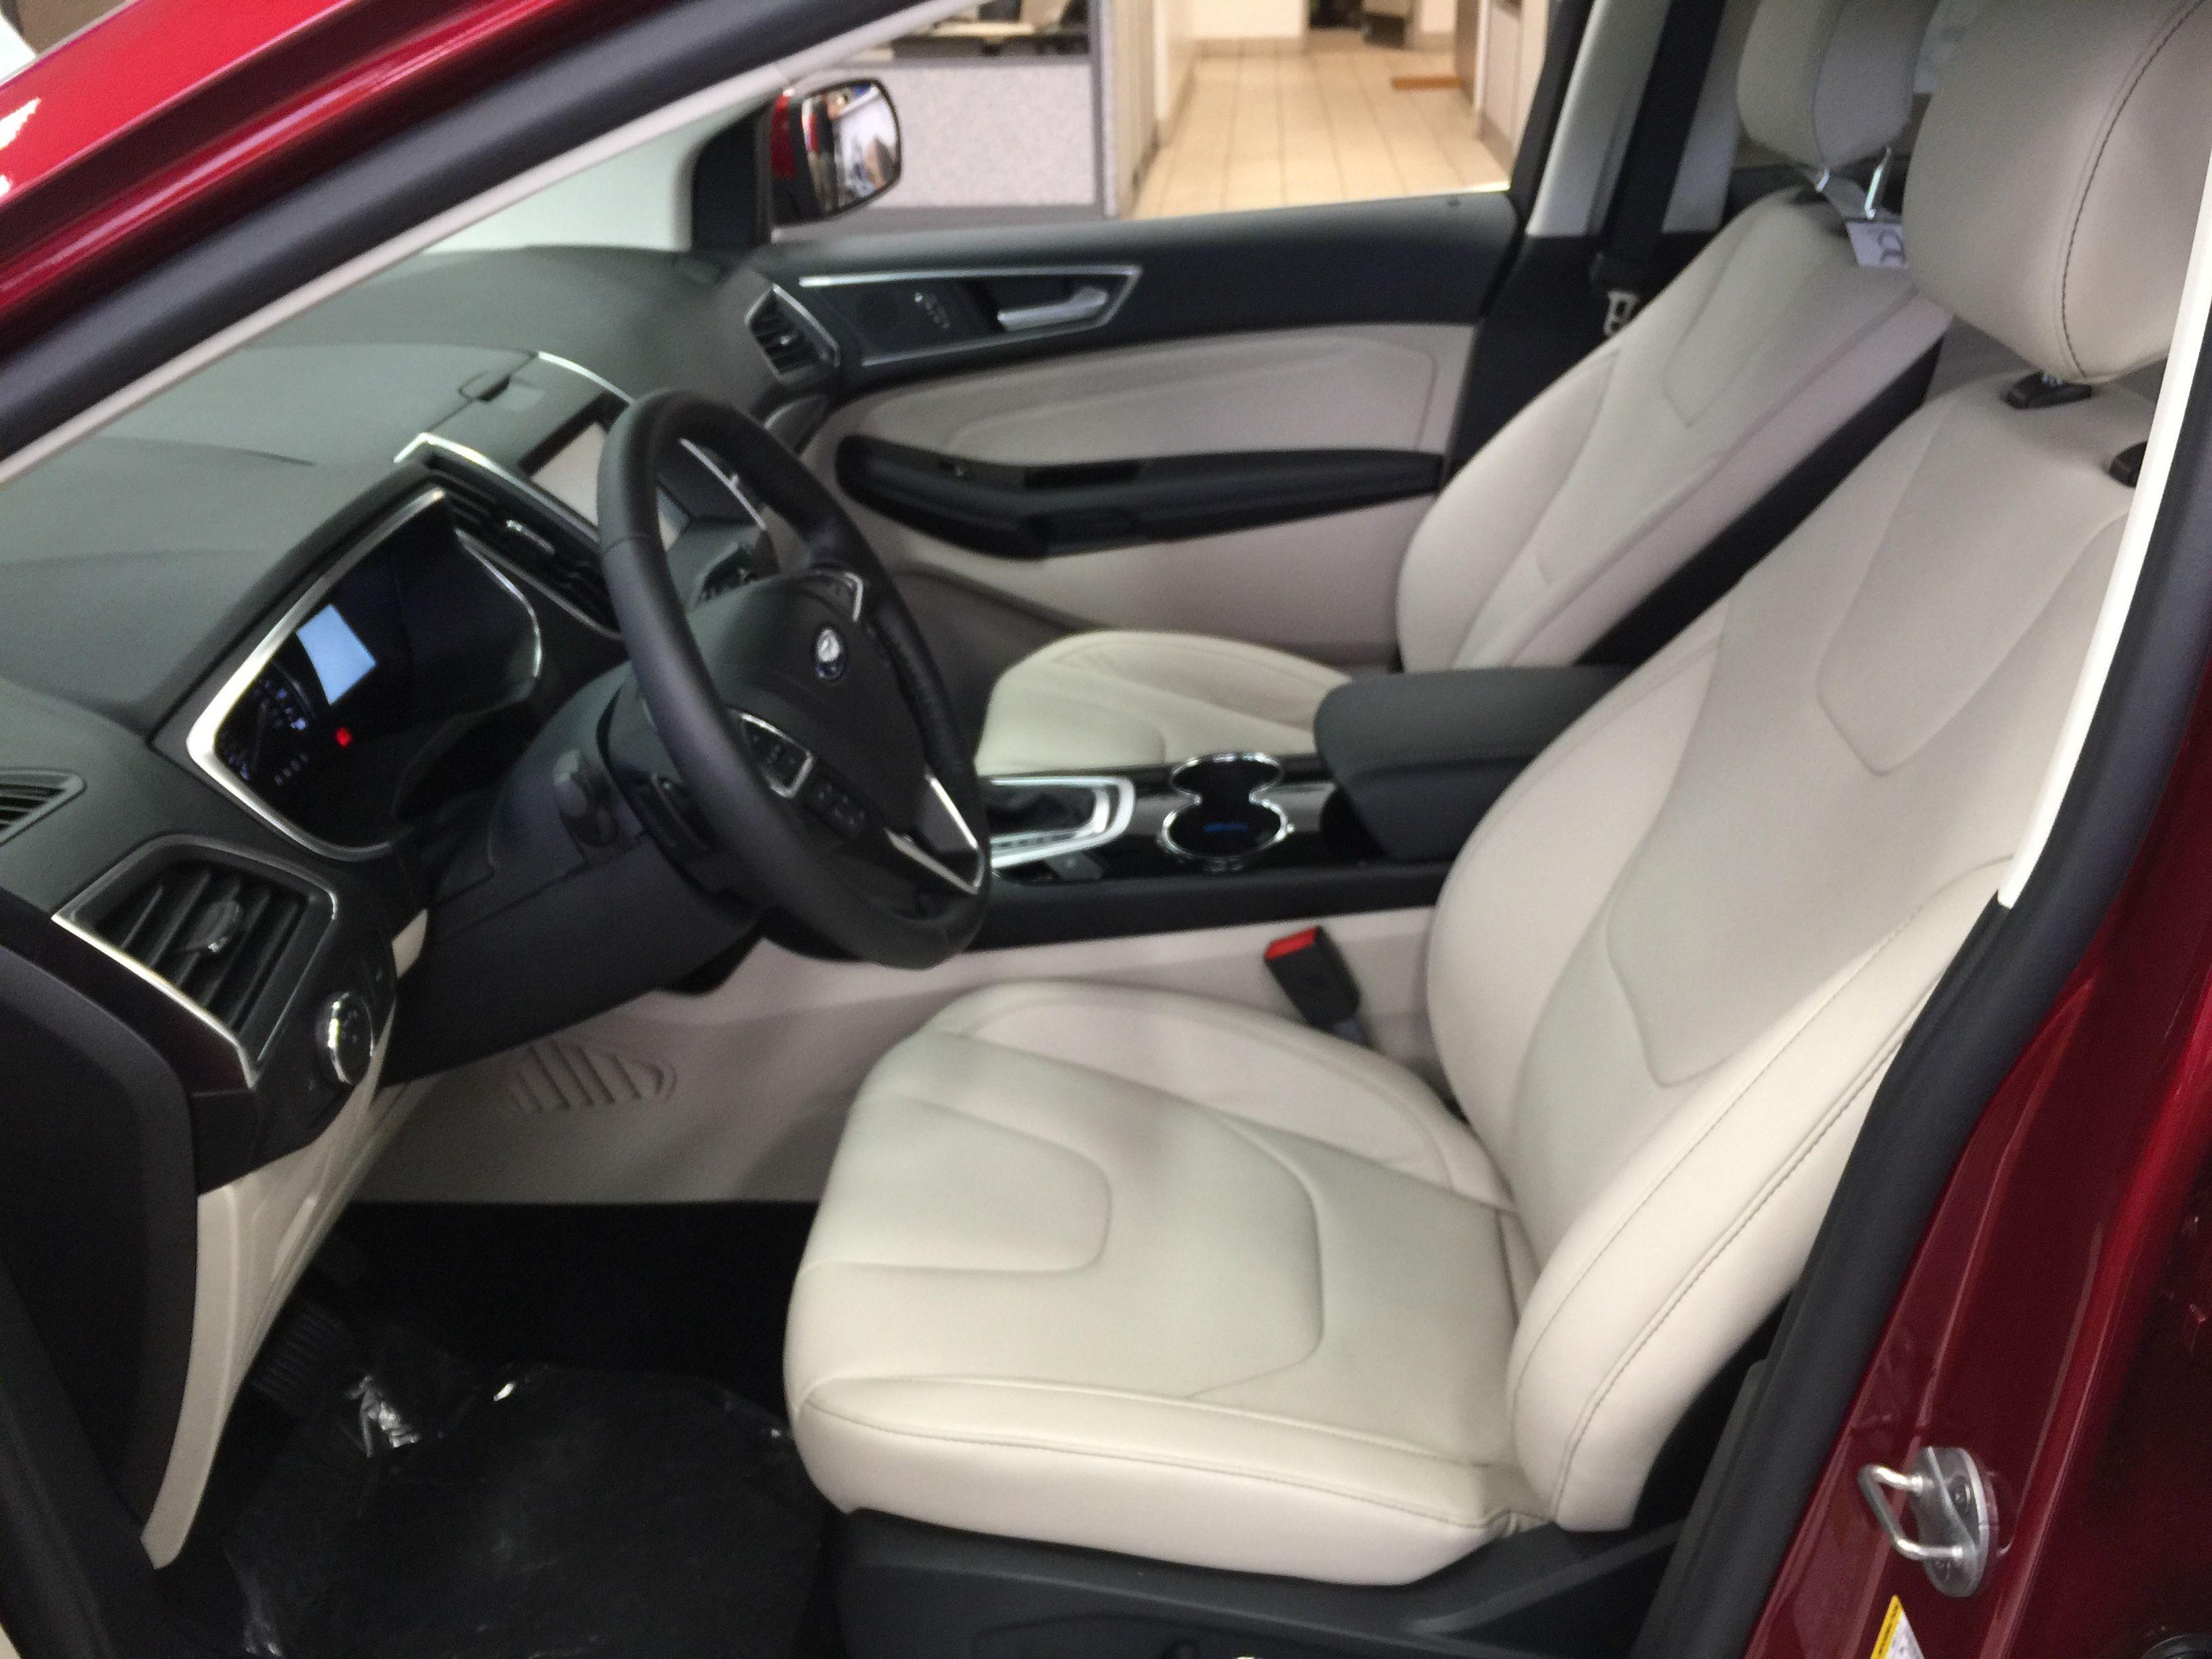 Ford Edge Titanium Light Color Seats Interior